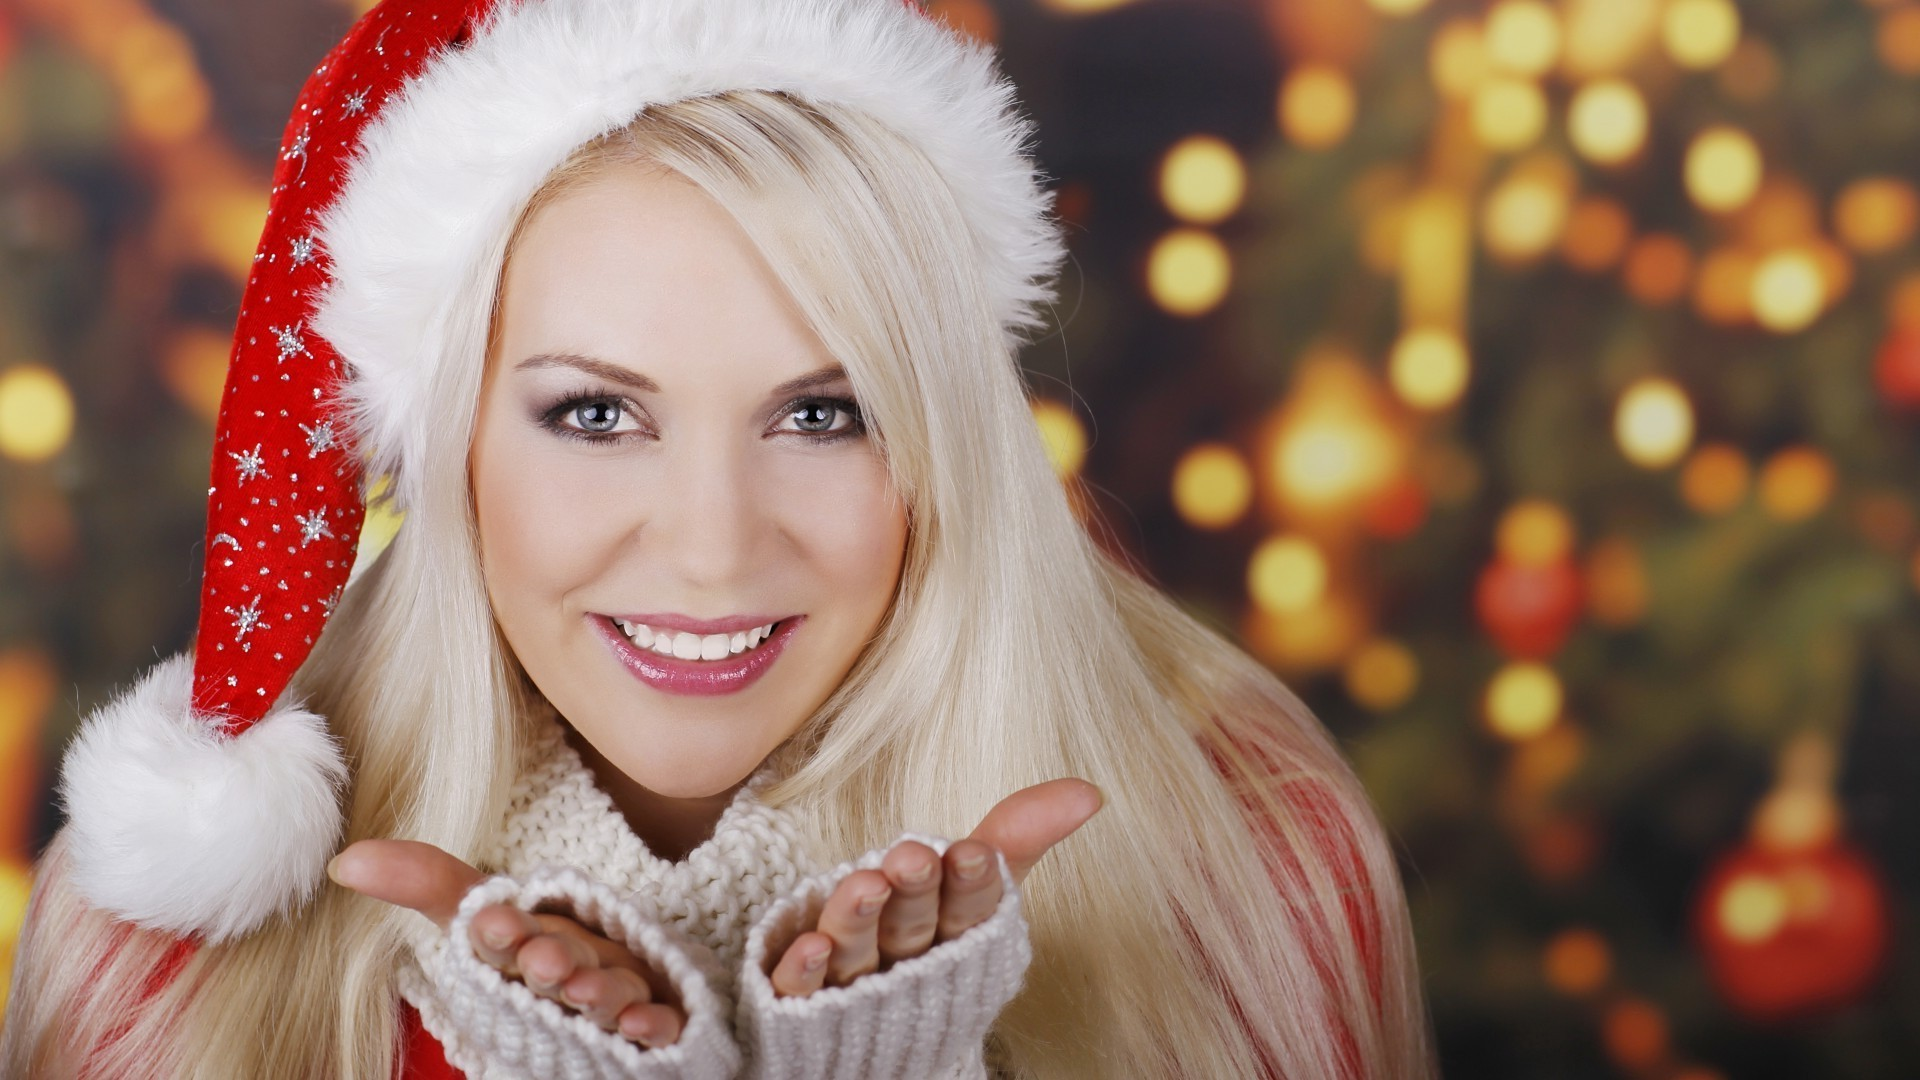 Девушка взгляд зима шапка дерево смотреть